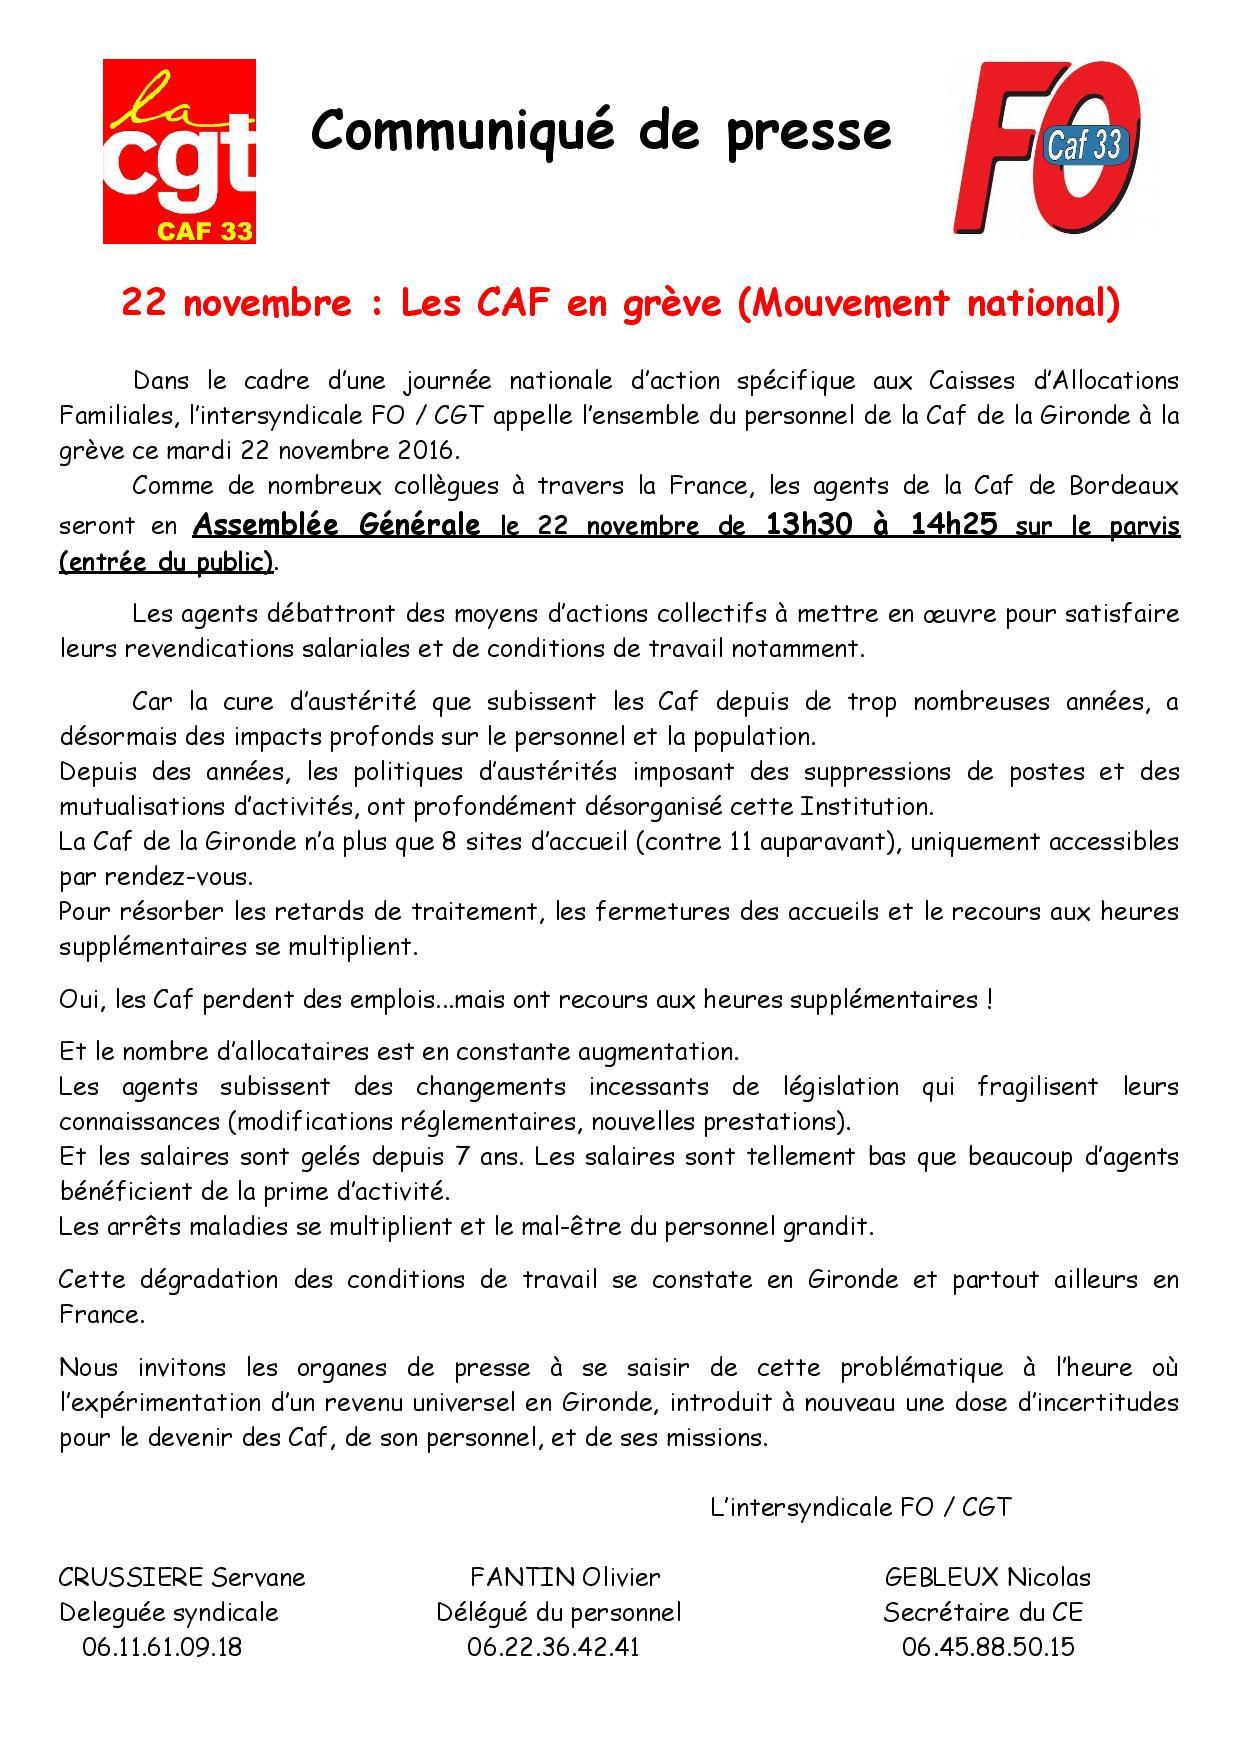 Les Caf En Greve Mouvement National Club Presse Bordeaux